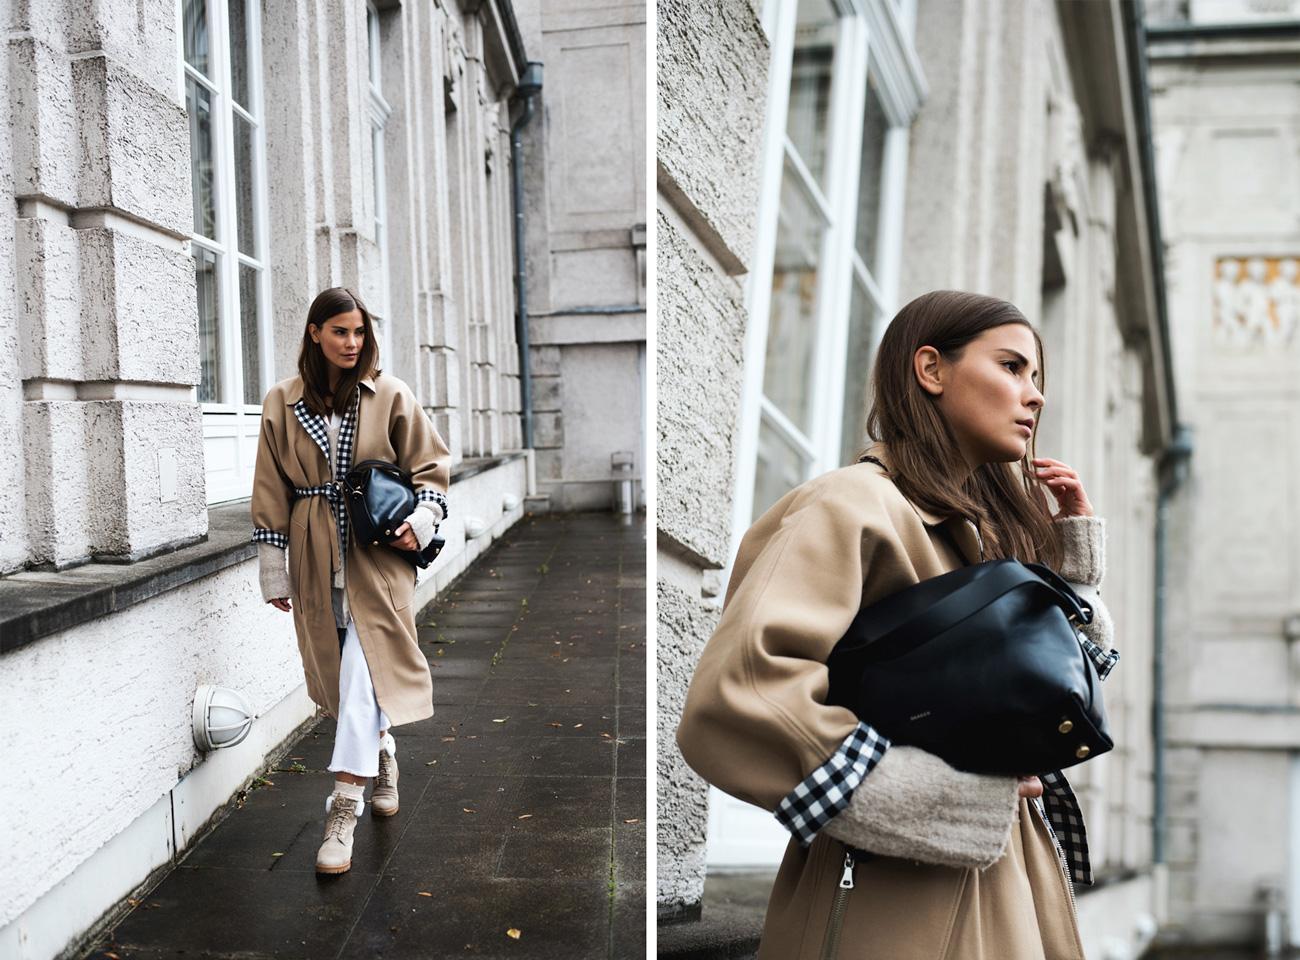 uhr-ueber-pullover-aermel-tragen-trend-schmuck-im-winter-kombinieren-blogger-streetstyle-nina-fashiioncarpet